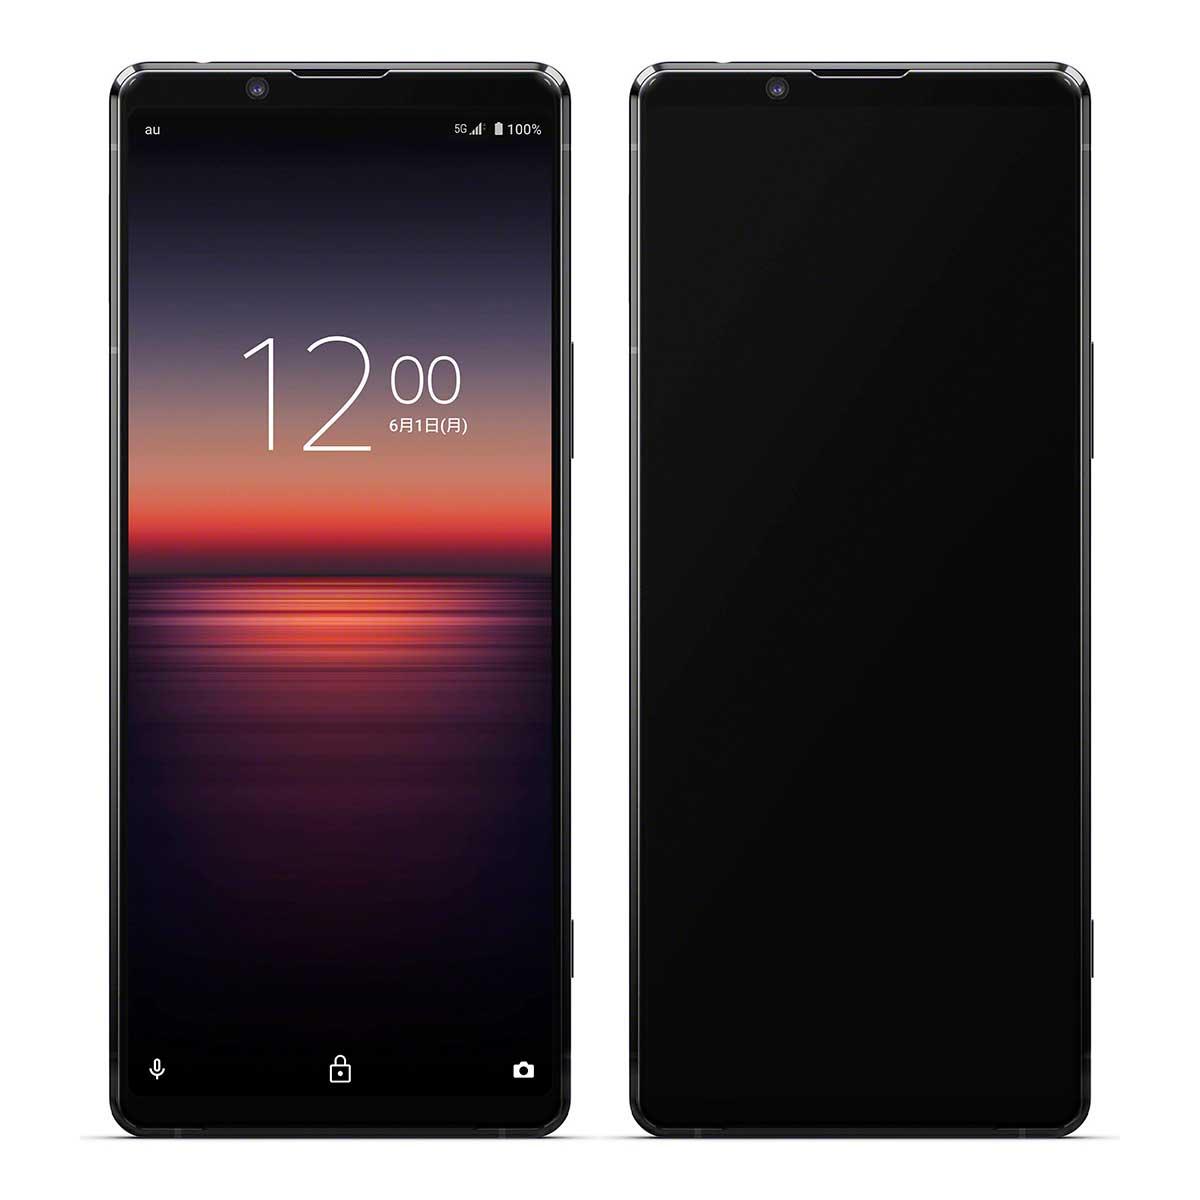 【今週発売の注目製品】auから5G対応スマートフォン「Xperia 1 II SOG01」が登場